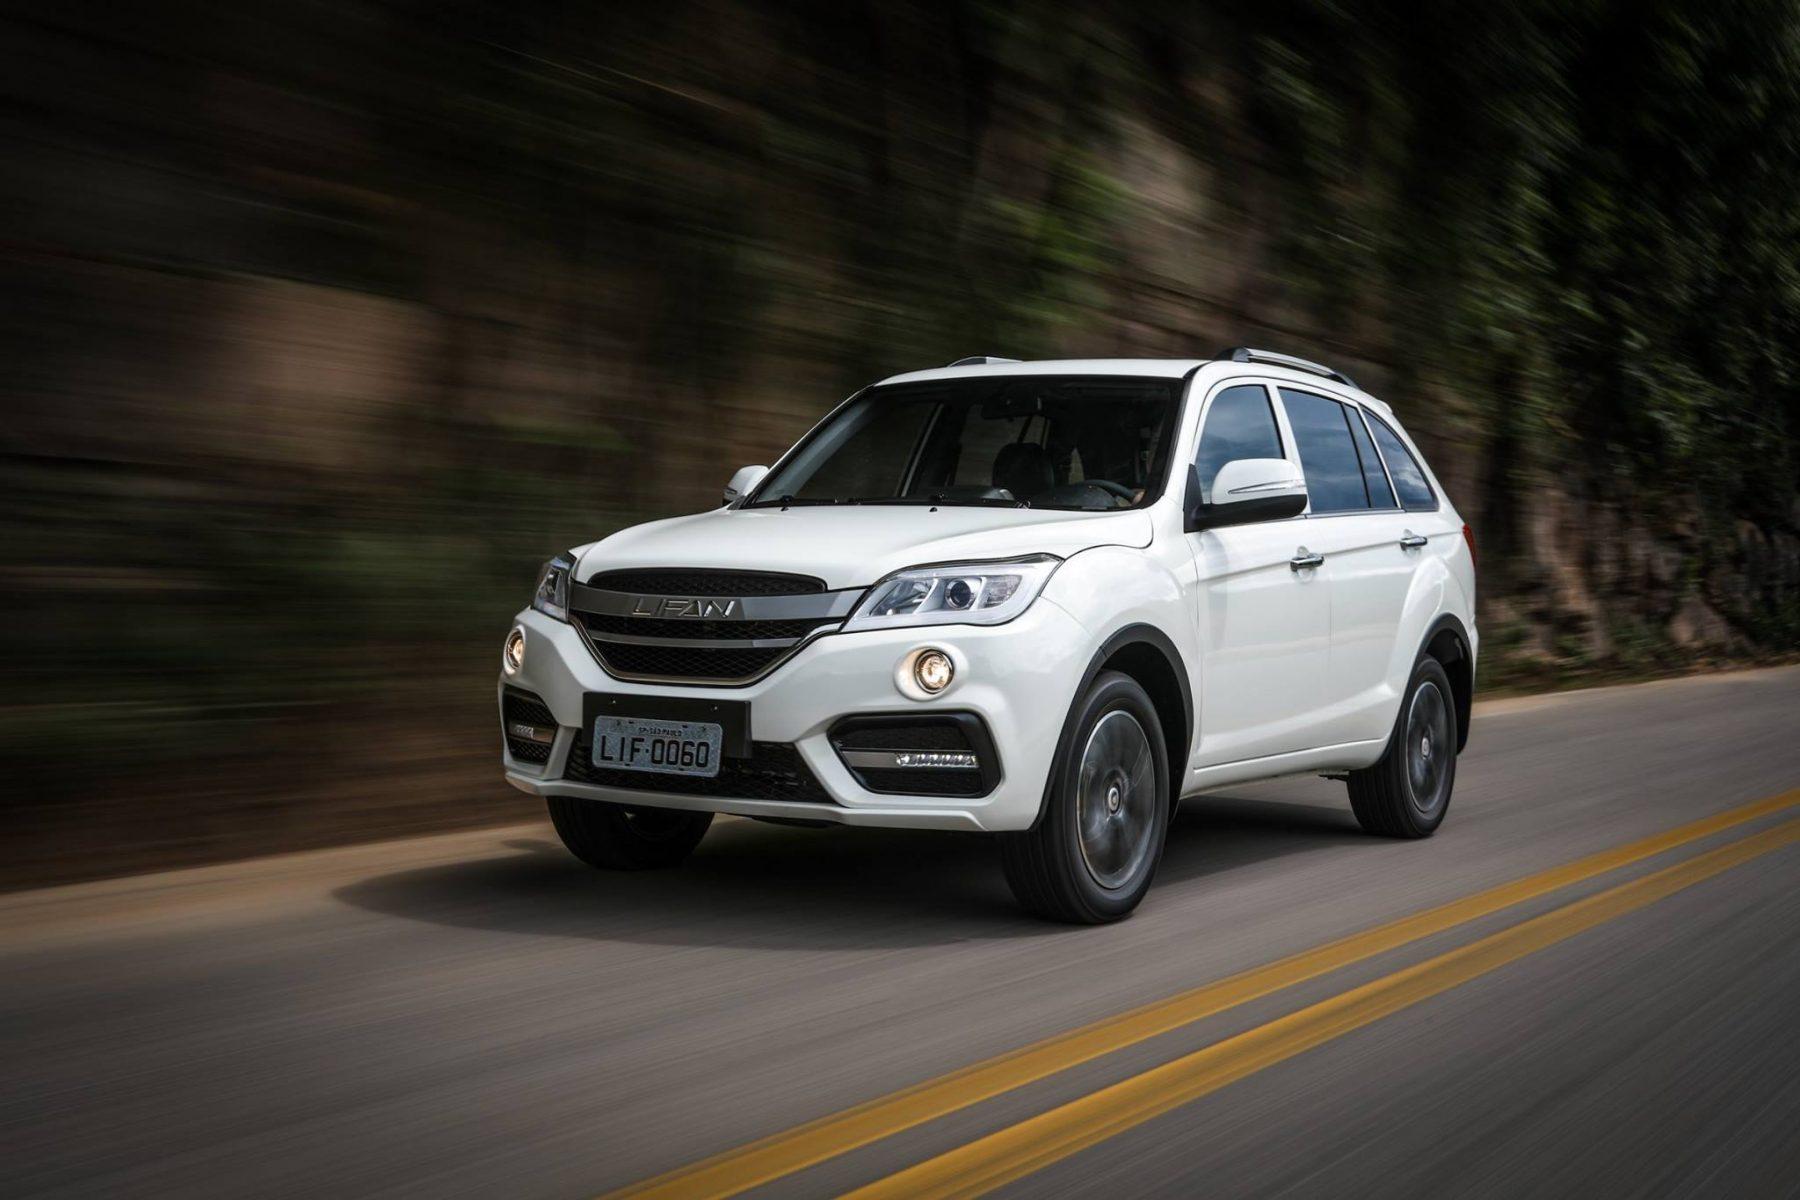 lifan x60: Listamos os SUVs sem controle de estabilidade que ainda são vendidos - o equipamento de segurança se tornará obrigatório em breve!